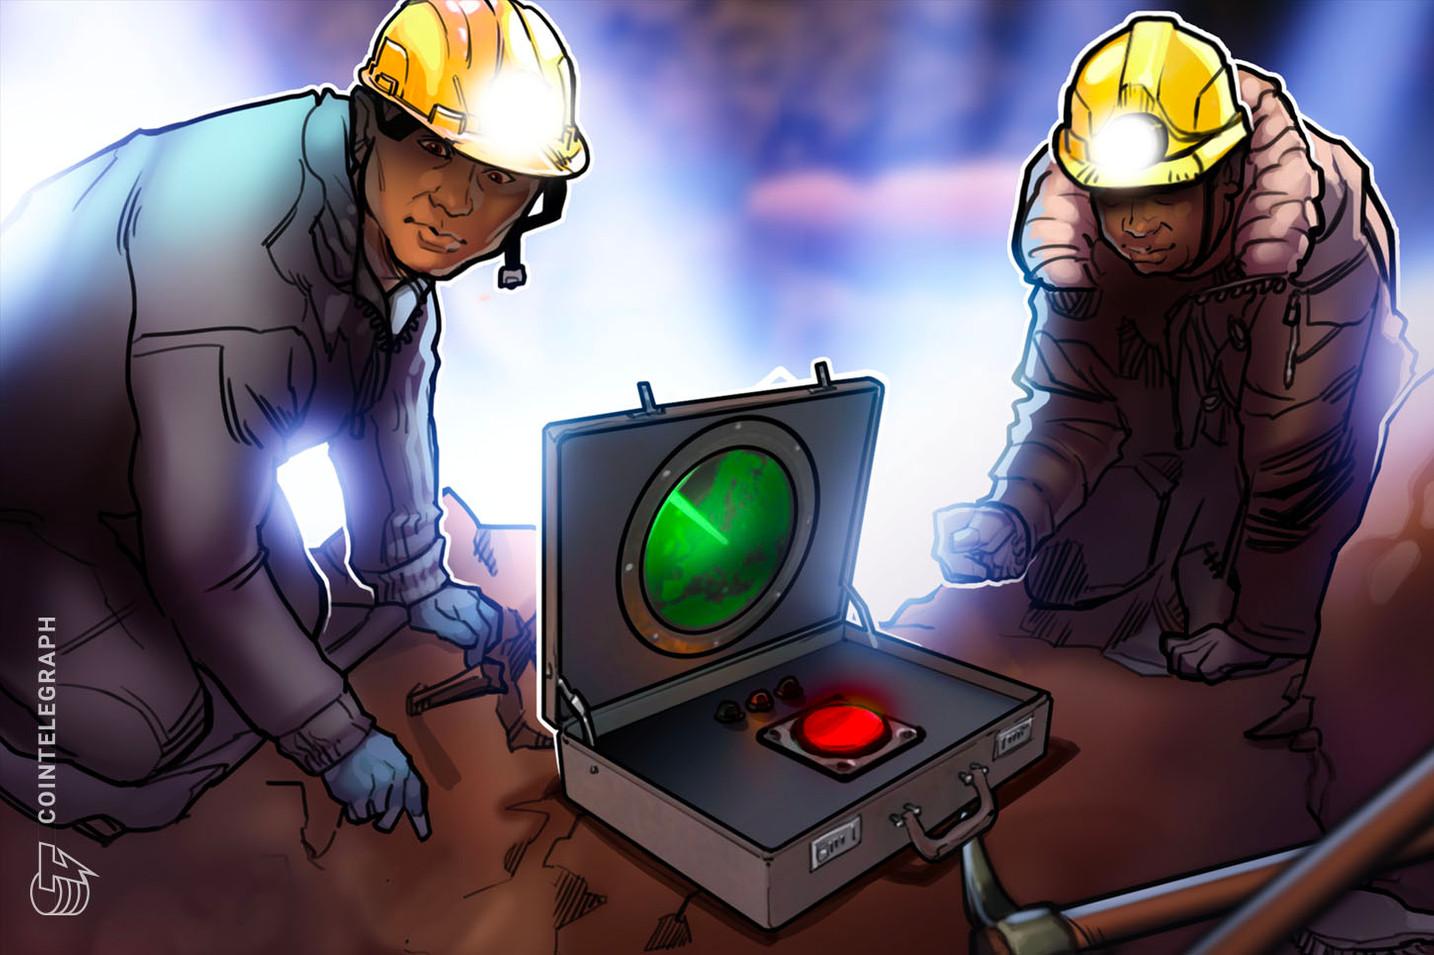 Investidores chineses reiniciam instalação de mineração de Bitcoin no Irã